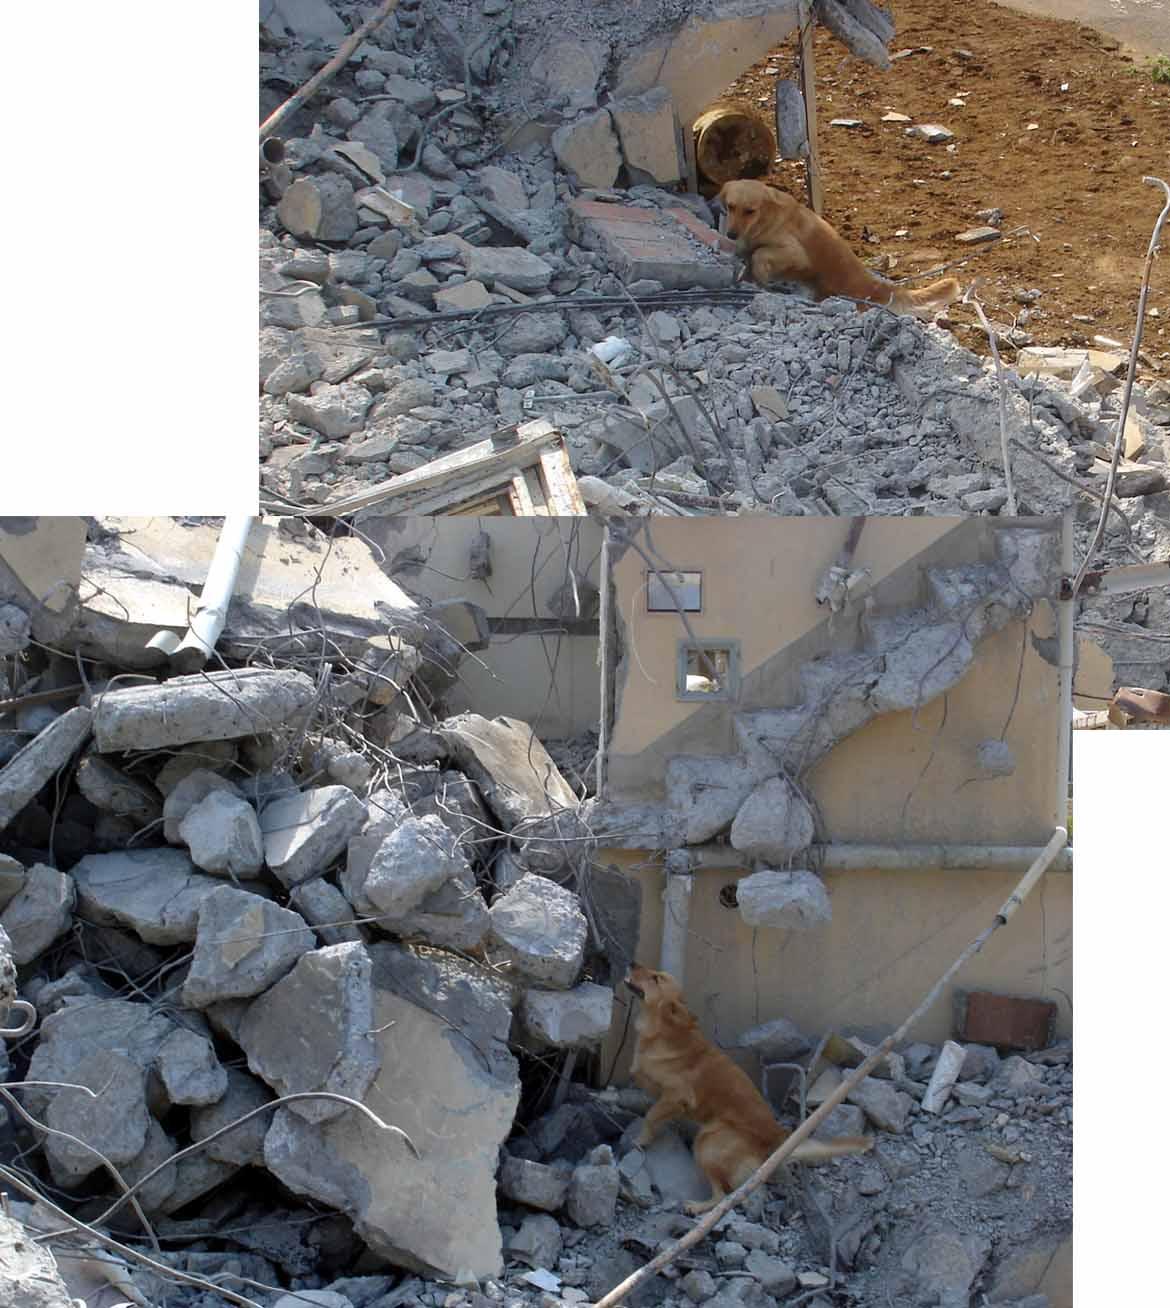 午後の捜索⑩ 瓦礫模様 GRM(発見咆哮)